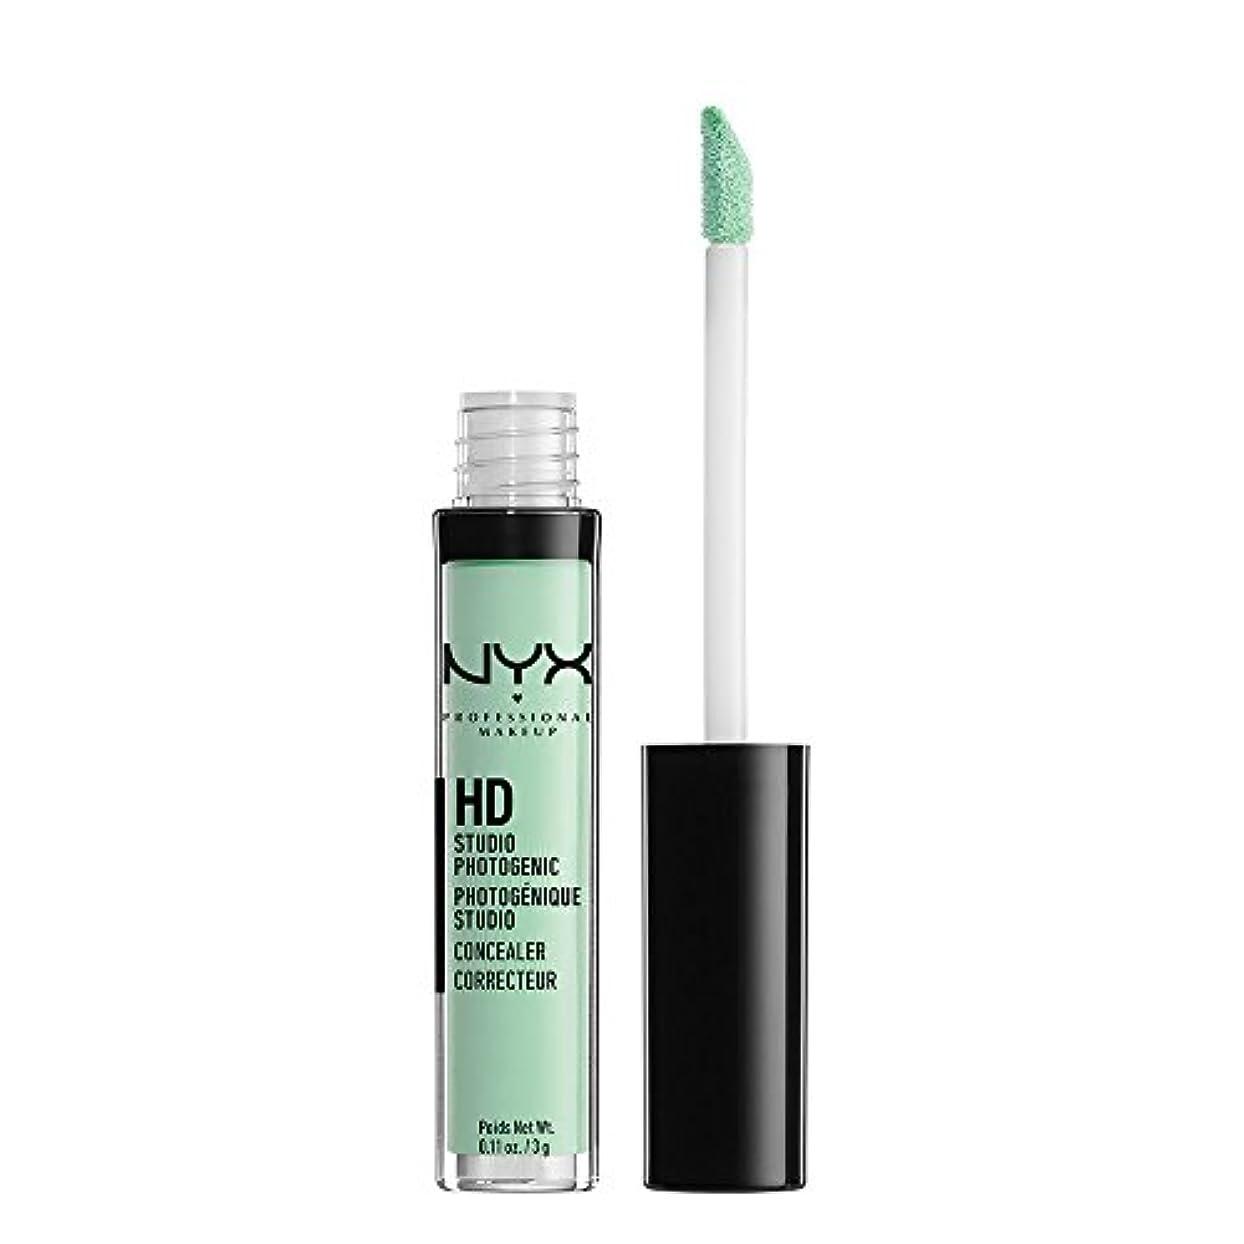 繁殖偽装する本当にNYX(ニックス) コンシーラー ワンド 12 カラーグリーン